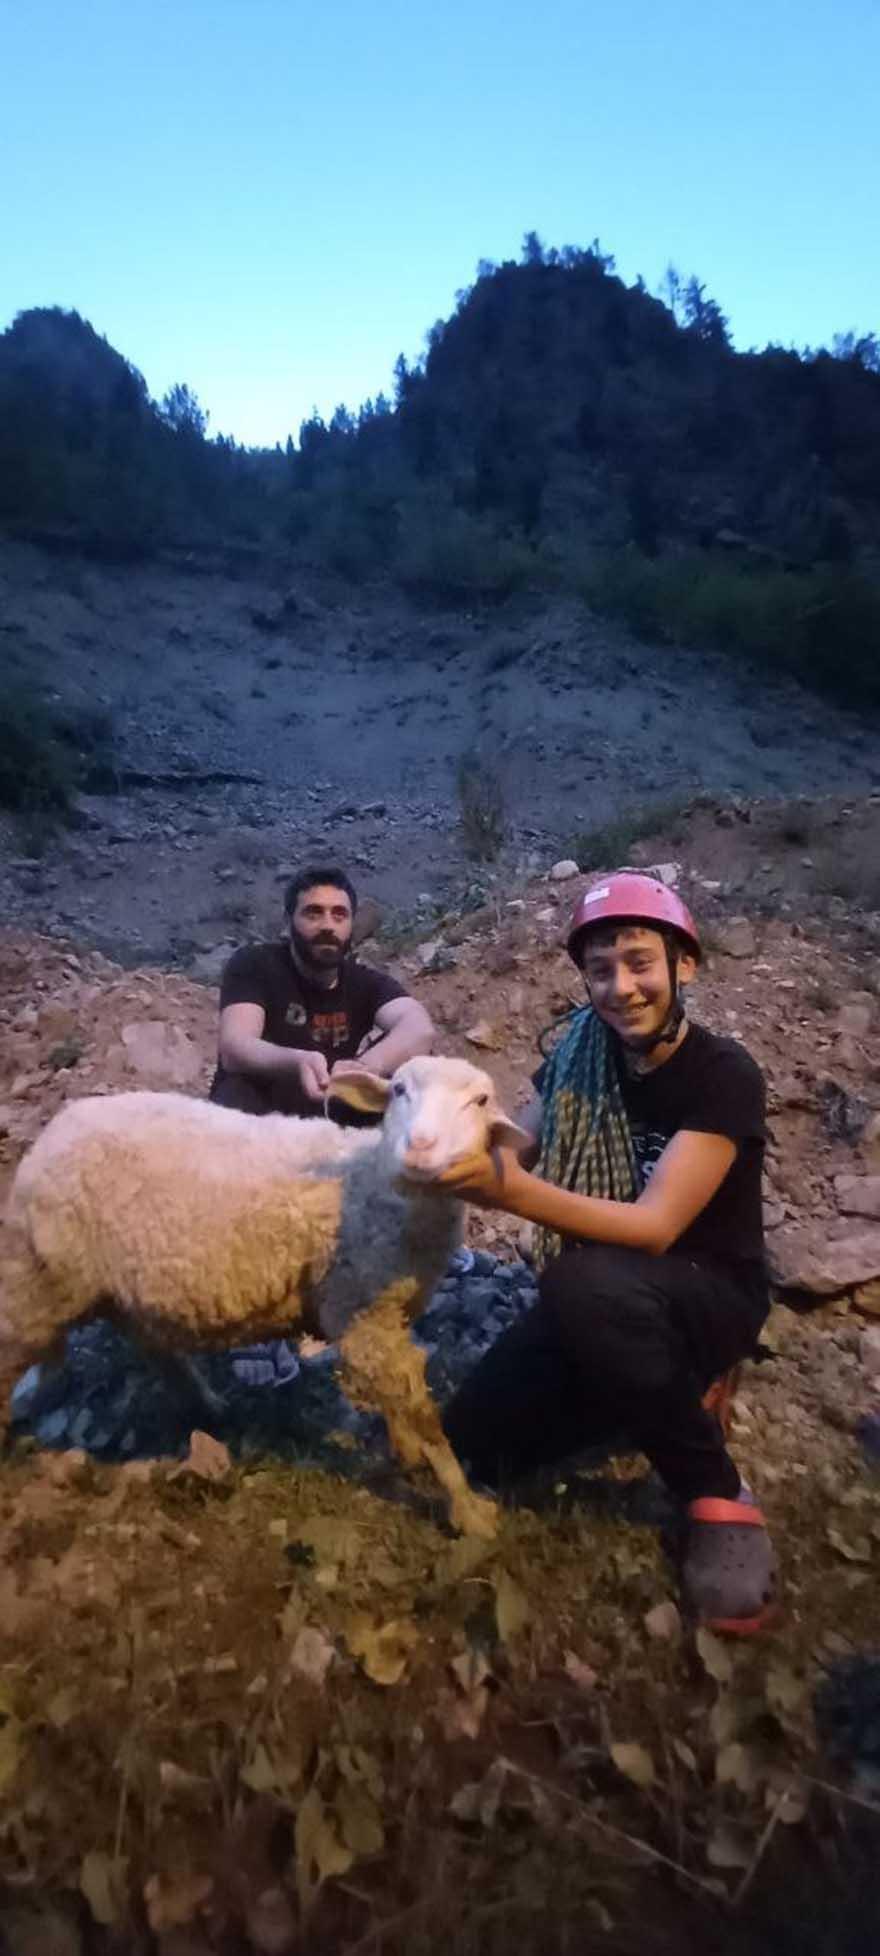 dedesinin-kayaliklarda-mahsur-kalan-koyununu-dagci-torunu-kurtardi-2.jpg